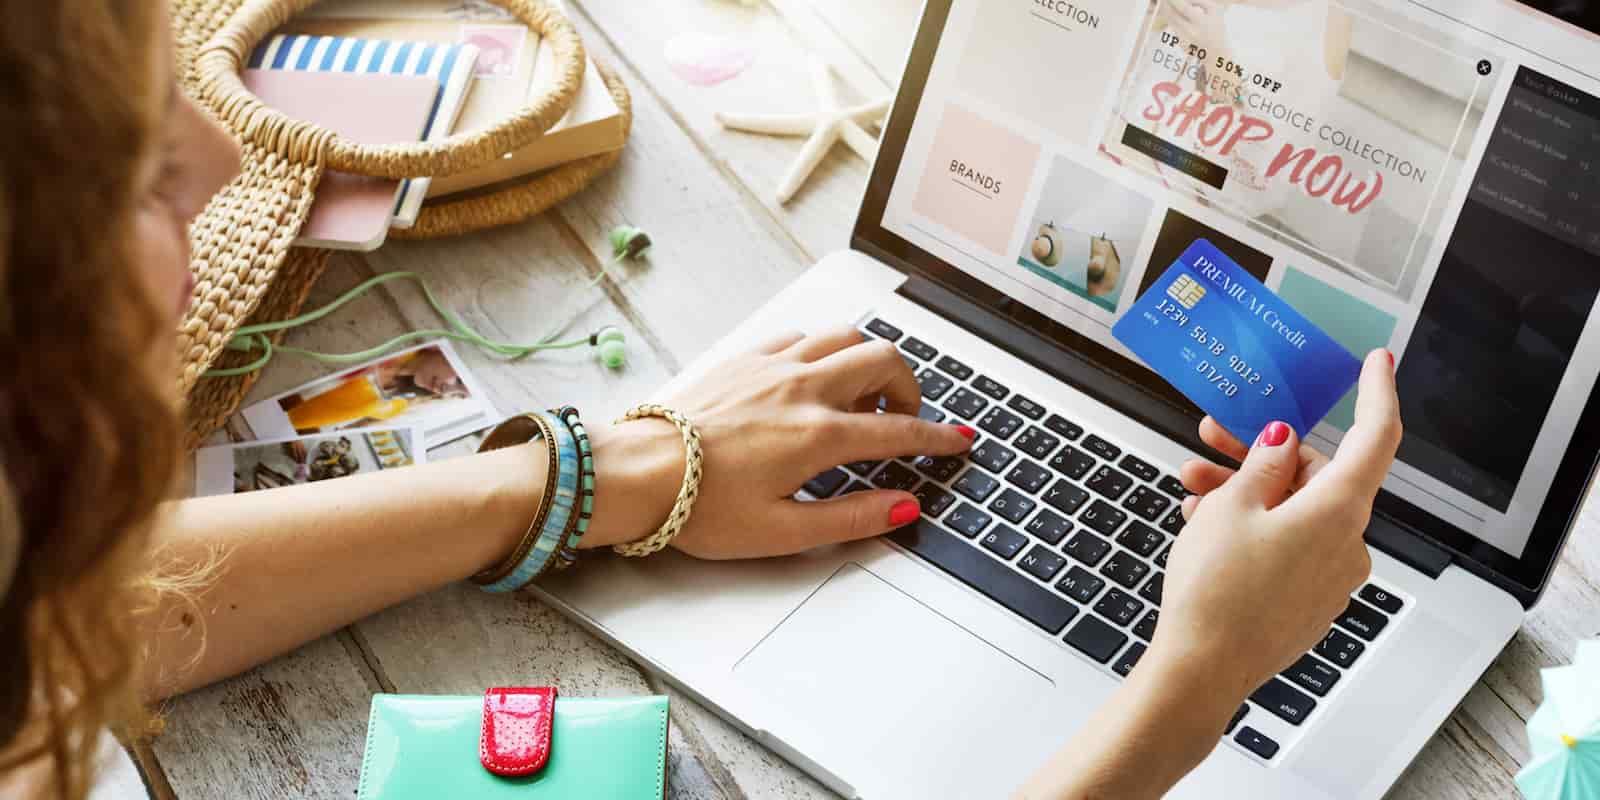 Les articles de qualité que vous pouvez acheter en ligne en toute sérénité